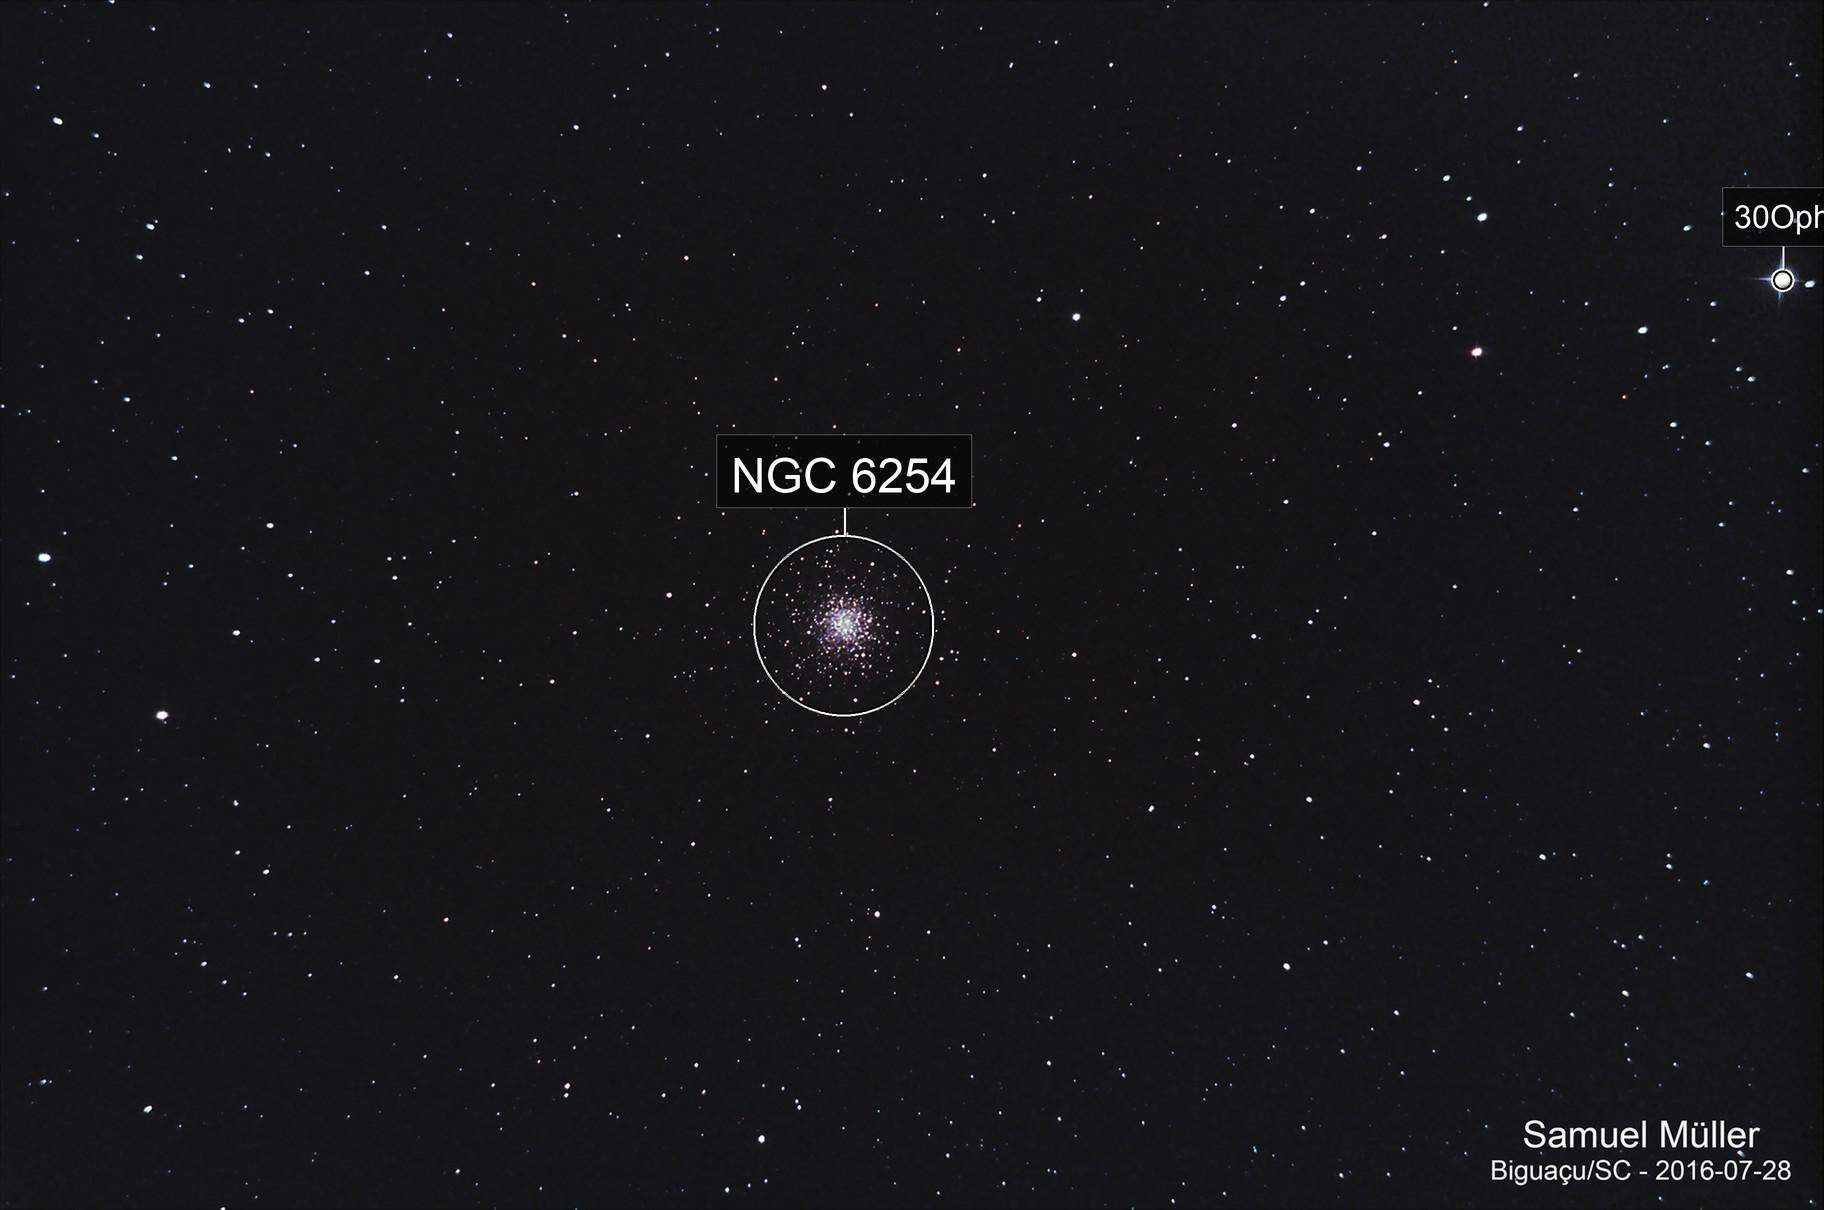 Messier 10 - Globular cluster